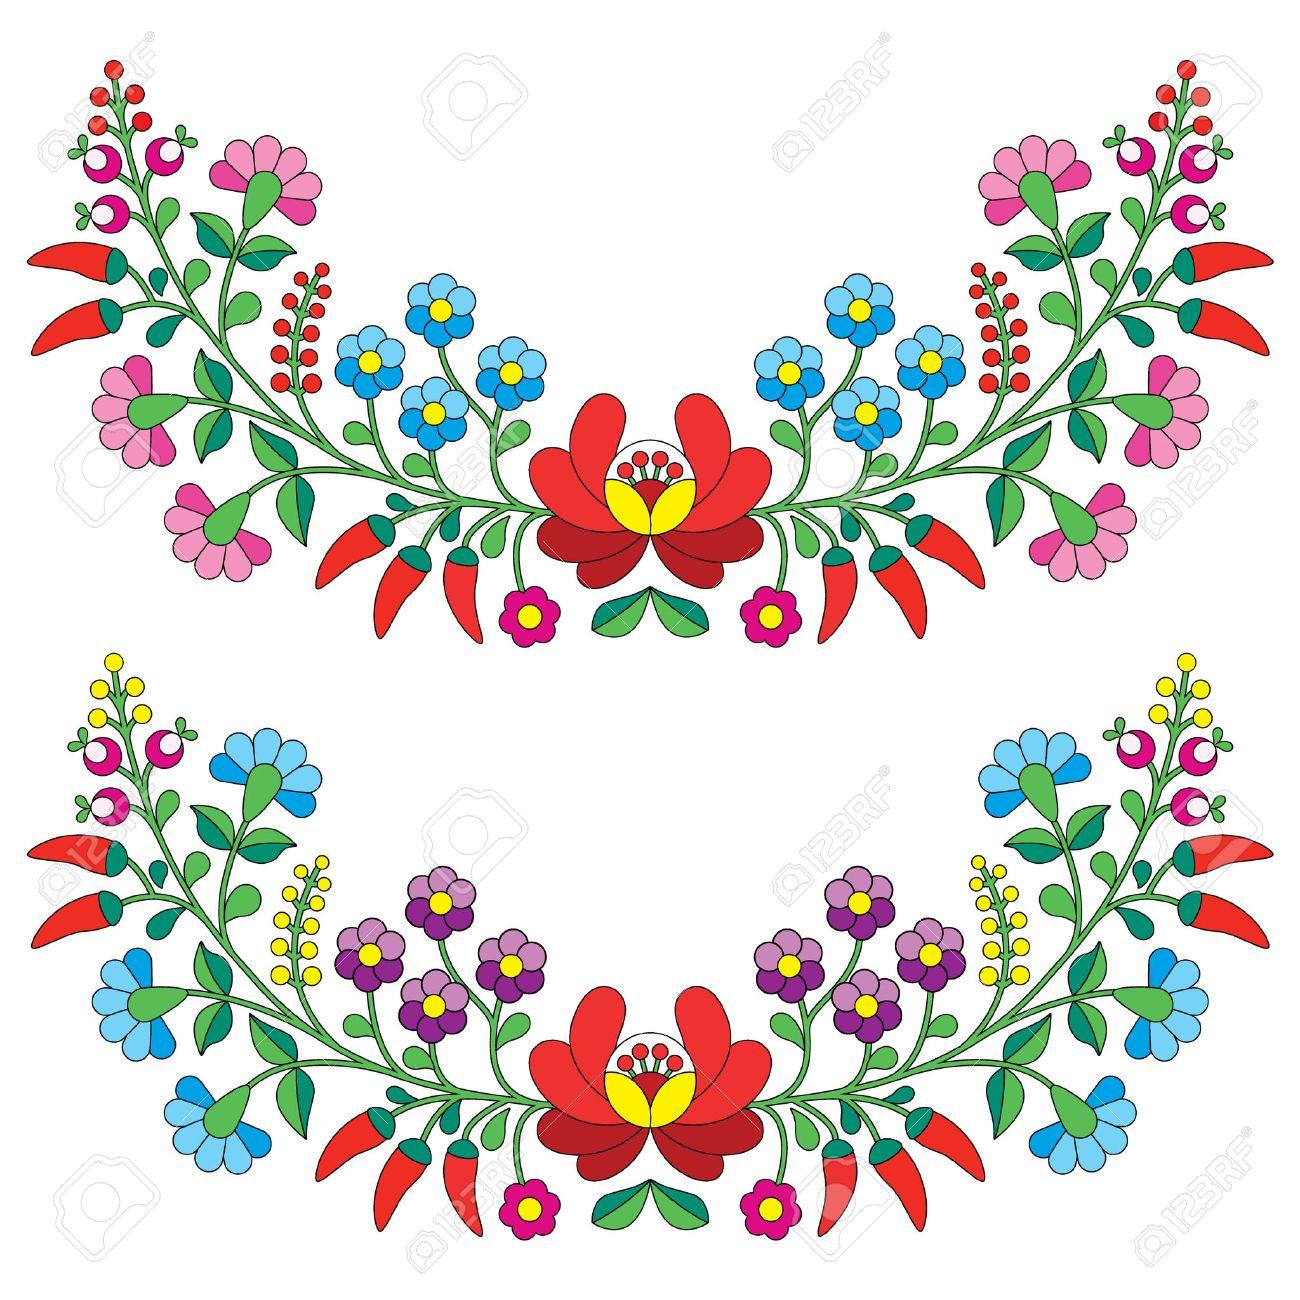 パプリカの花はどんな花